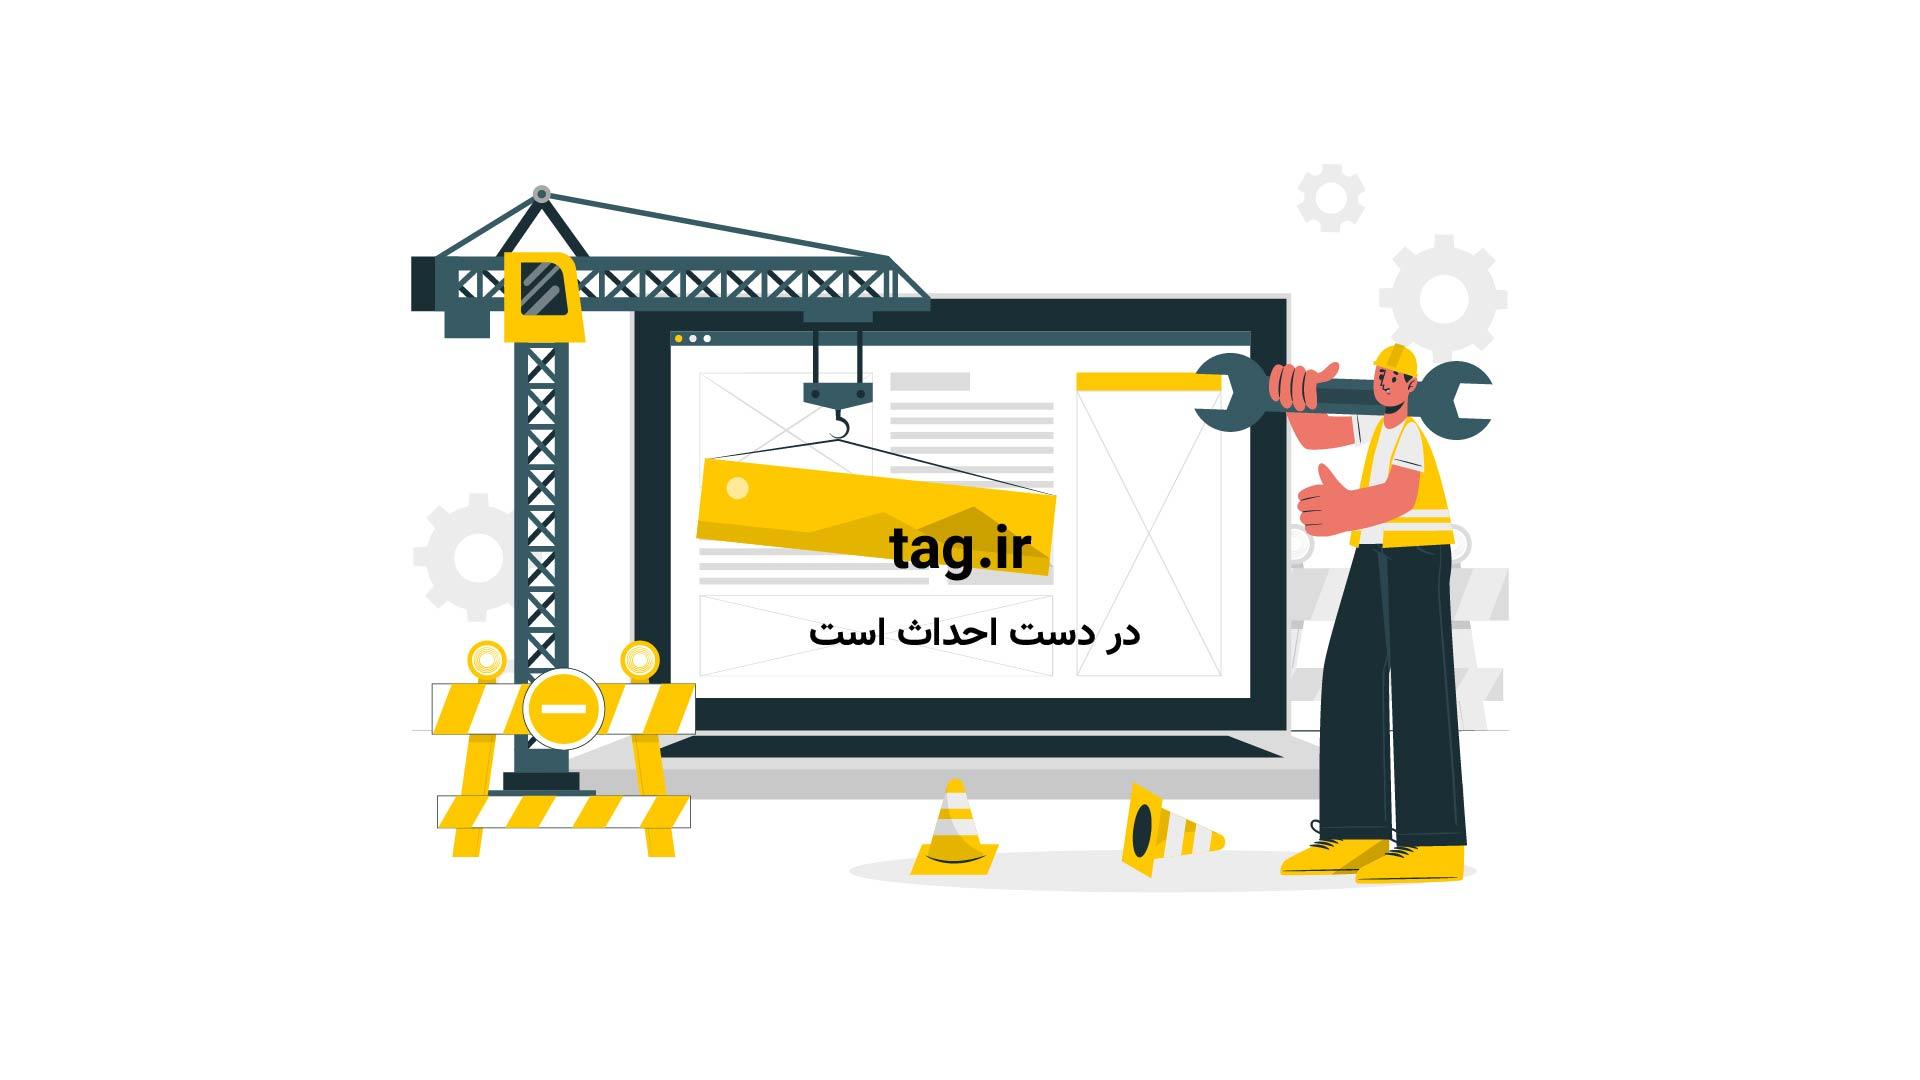 خودرو بمب گذاری شده در چابهار | تگ